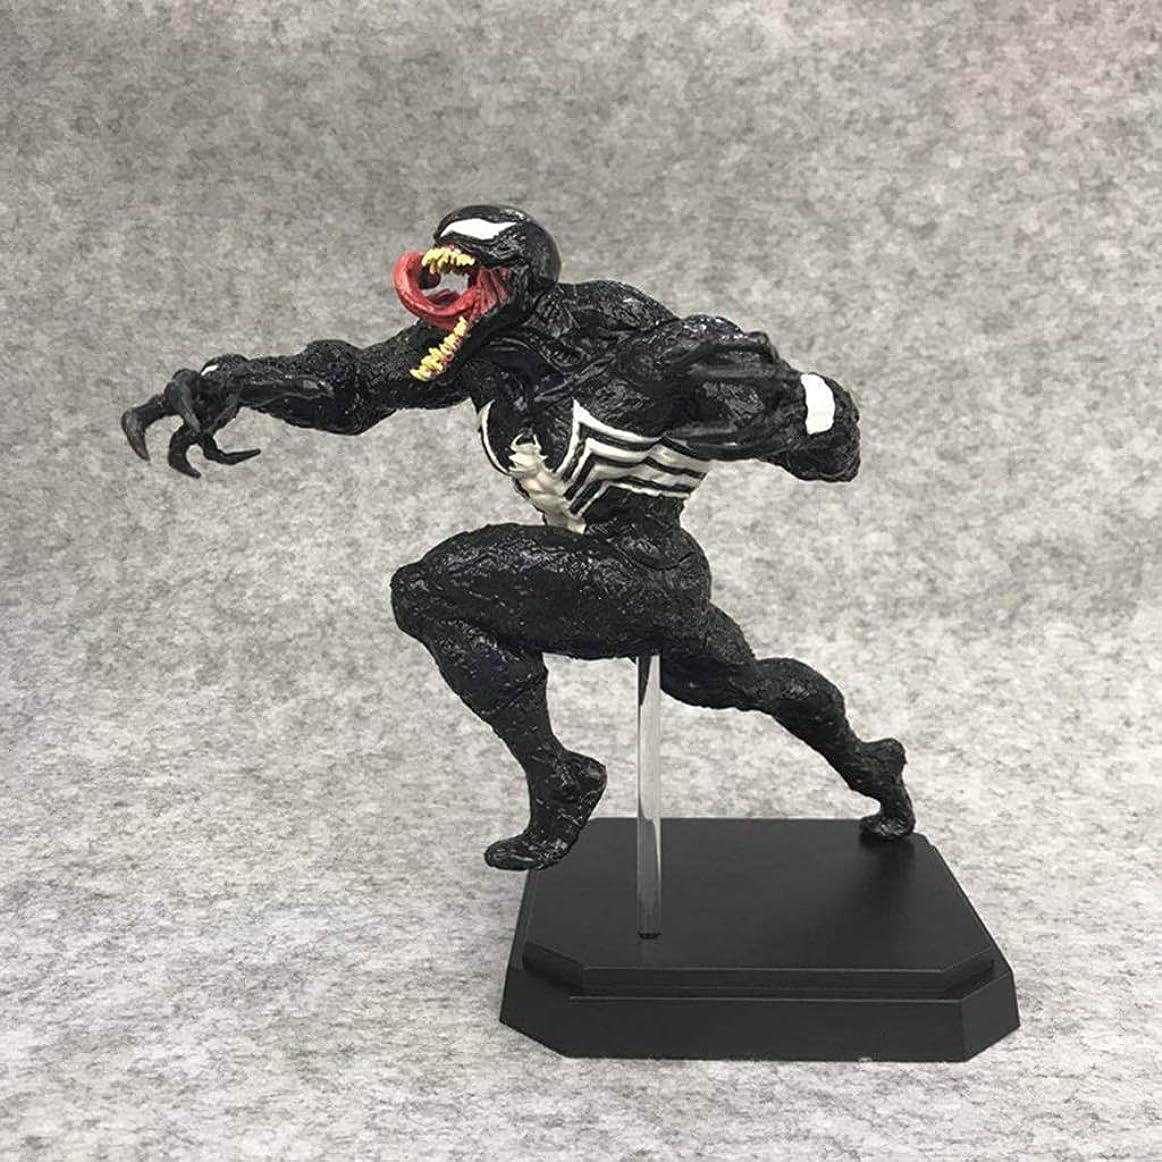 モロニック頑張る魅力映画モデル、PVC子供のおもちゃコレクションの彫像、デスクトップの装飾的なおもちゃの彫像のおもちゃのモデルのキャラクターの彫刻、エドワードブロック(21センチ) JSFQ